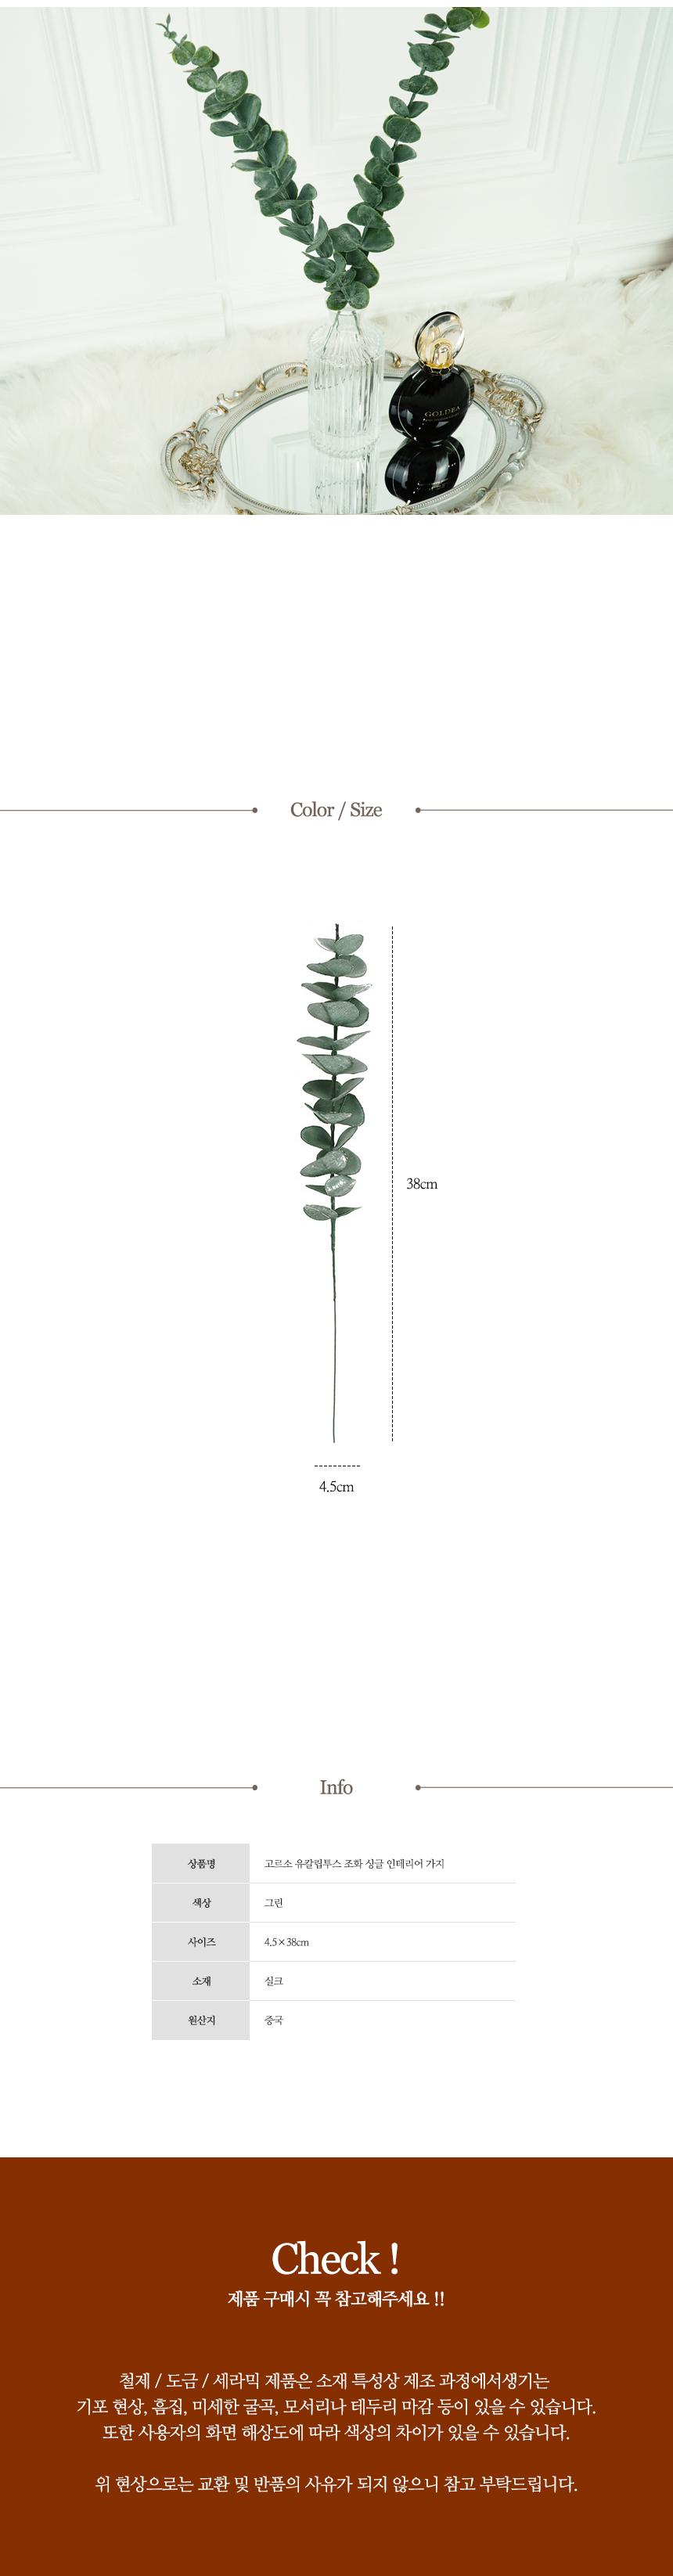 고르소 유칼립투스 조화 싱글 인테리어 가지1,500원-고르소인테리어, 플라워, 조화, 웨딩조화바보사랑고르소 유칼립투스 조화 싱글 인테리어 가지1,500원-고르소인테리어, 플라워, 조화, 웨딩조화바보사랑